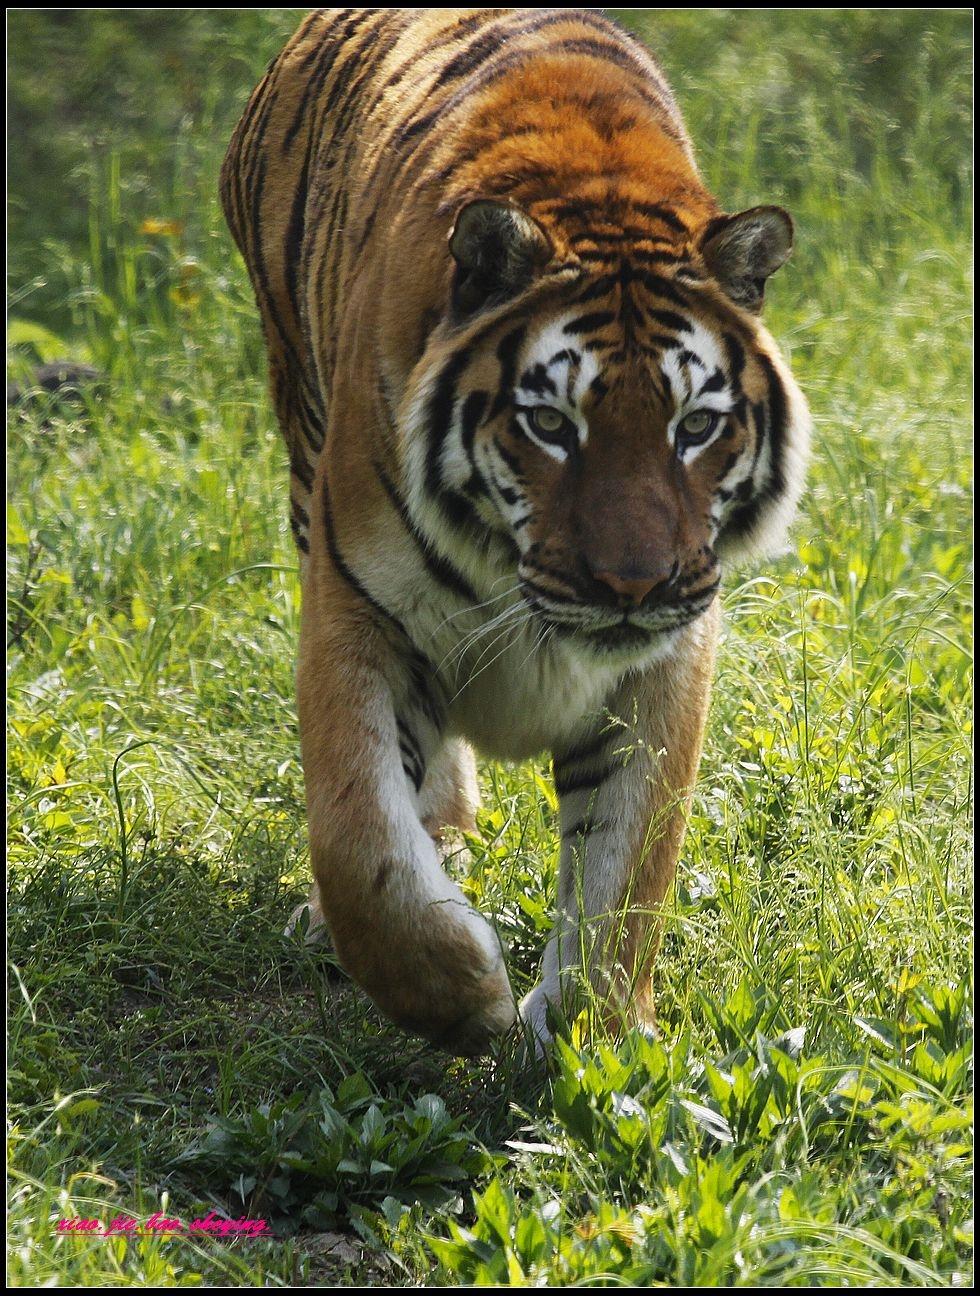 -合肥野生动物园拍的虎